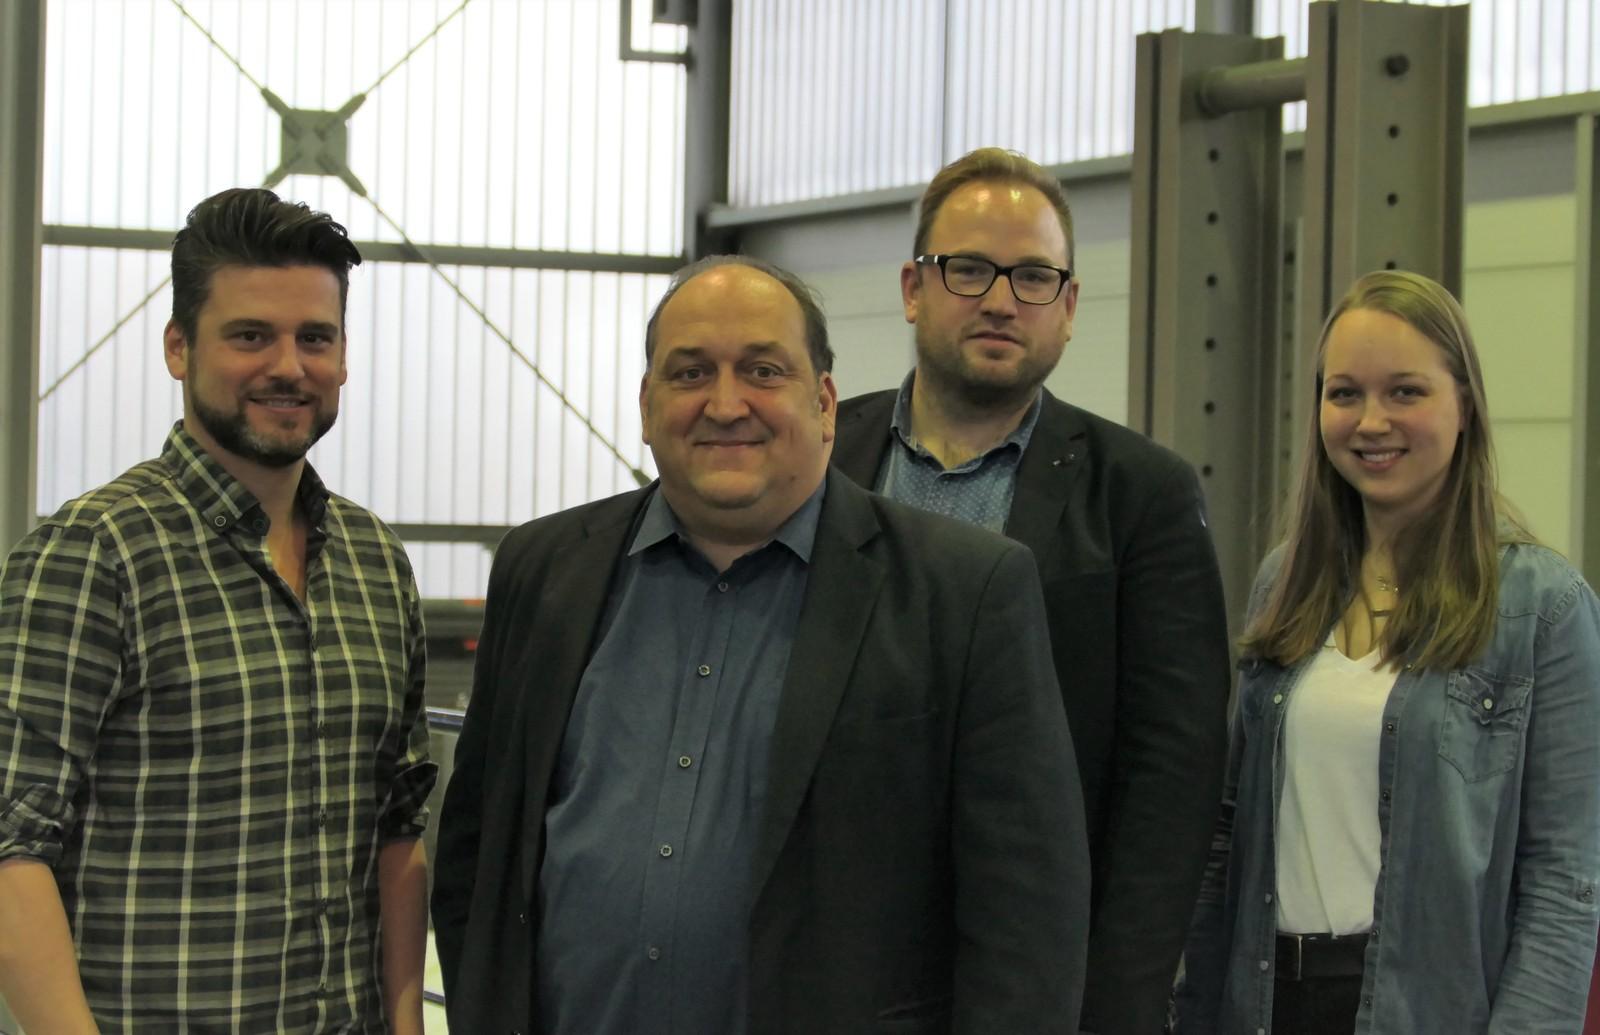 Die Jury des Infratech-Innovationspreises 2020 (v.l.n.r.): Dr.-Ing. Sissis Kamarianakis, Dipl.-Ing. Frank W. Grauvogel, Raphael Bahners und Sarah Dornbach. Nicht im Bild ist Ludger Wördemann.